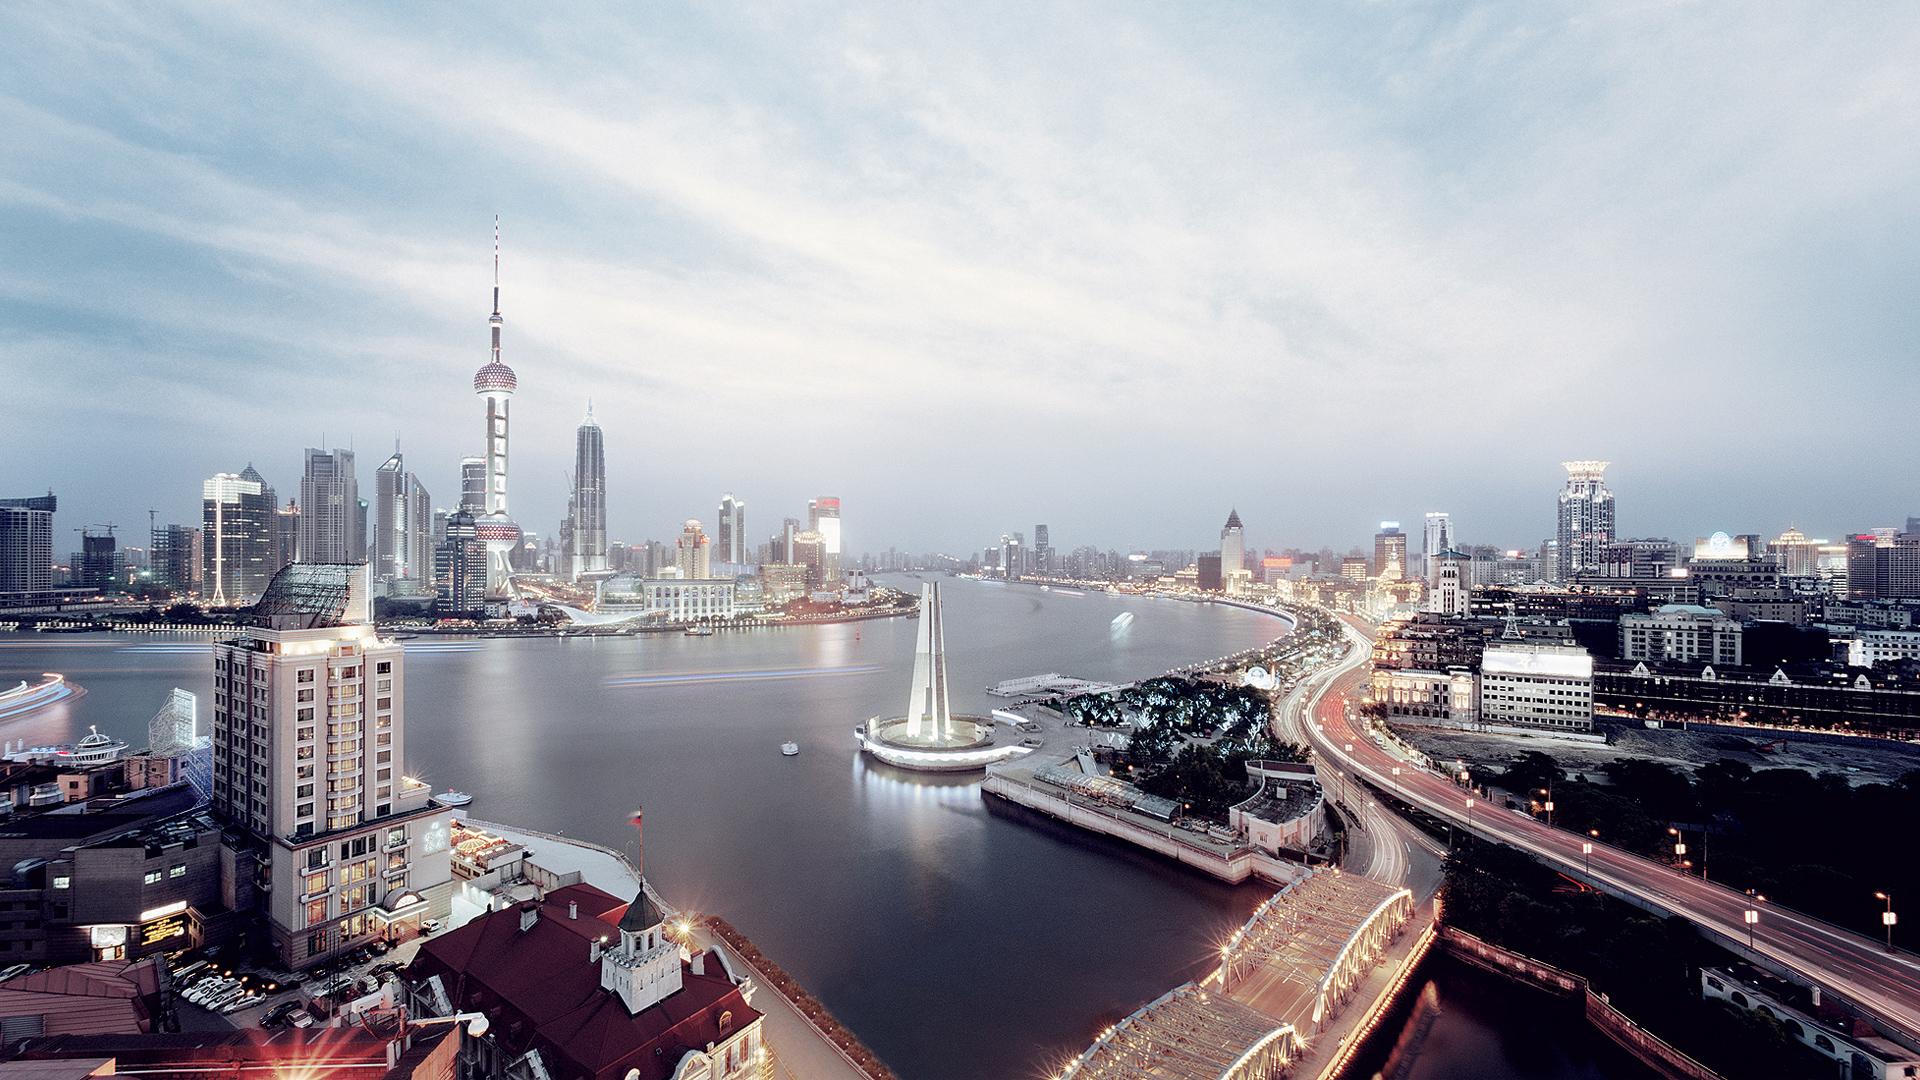 Dự án Tòa nhà Hỗn hợp 95 Láng Hạ, phường Láng Hạ, quận Đống Đa, Hà Nội | Bán dự án 1350 tỷ